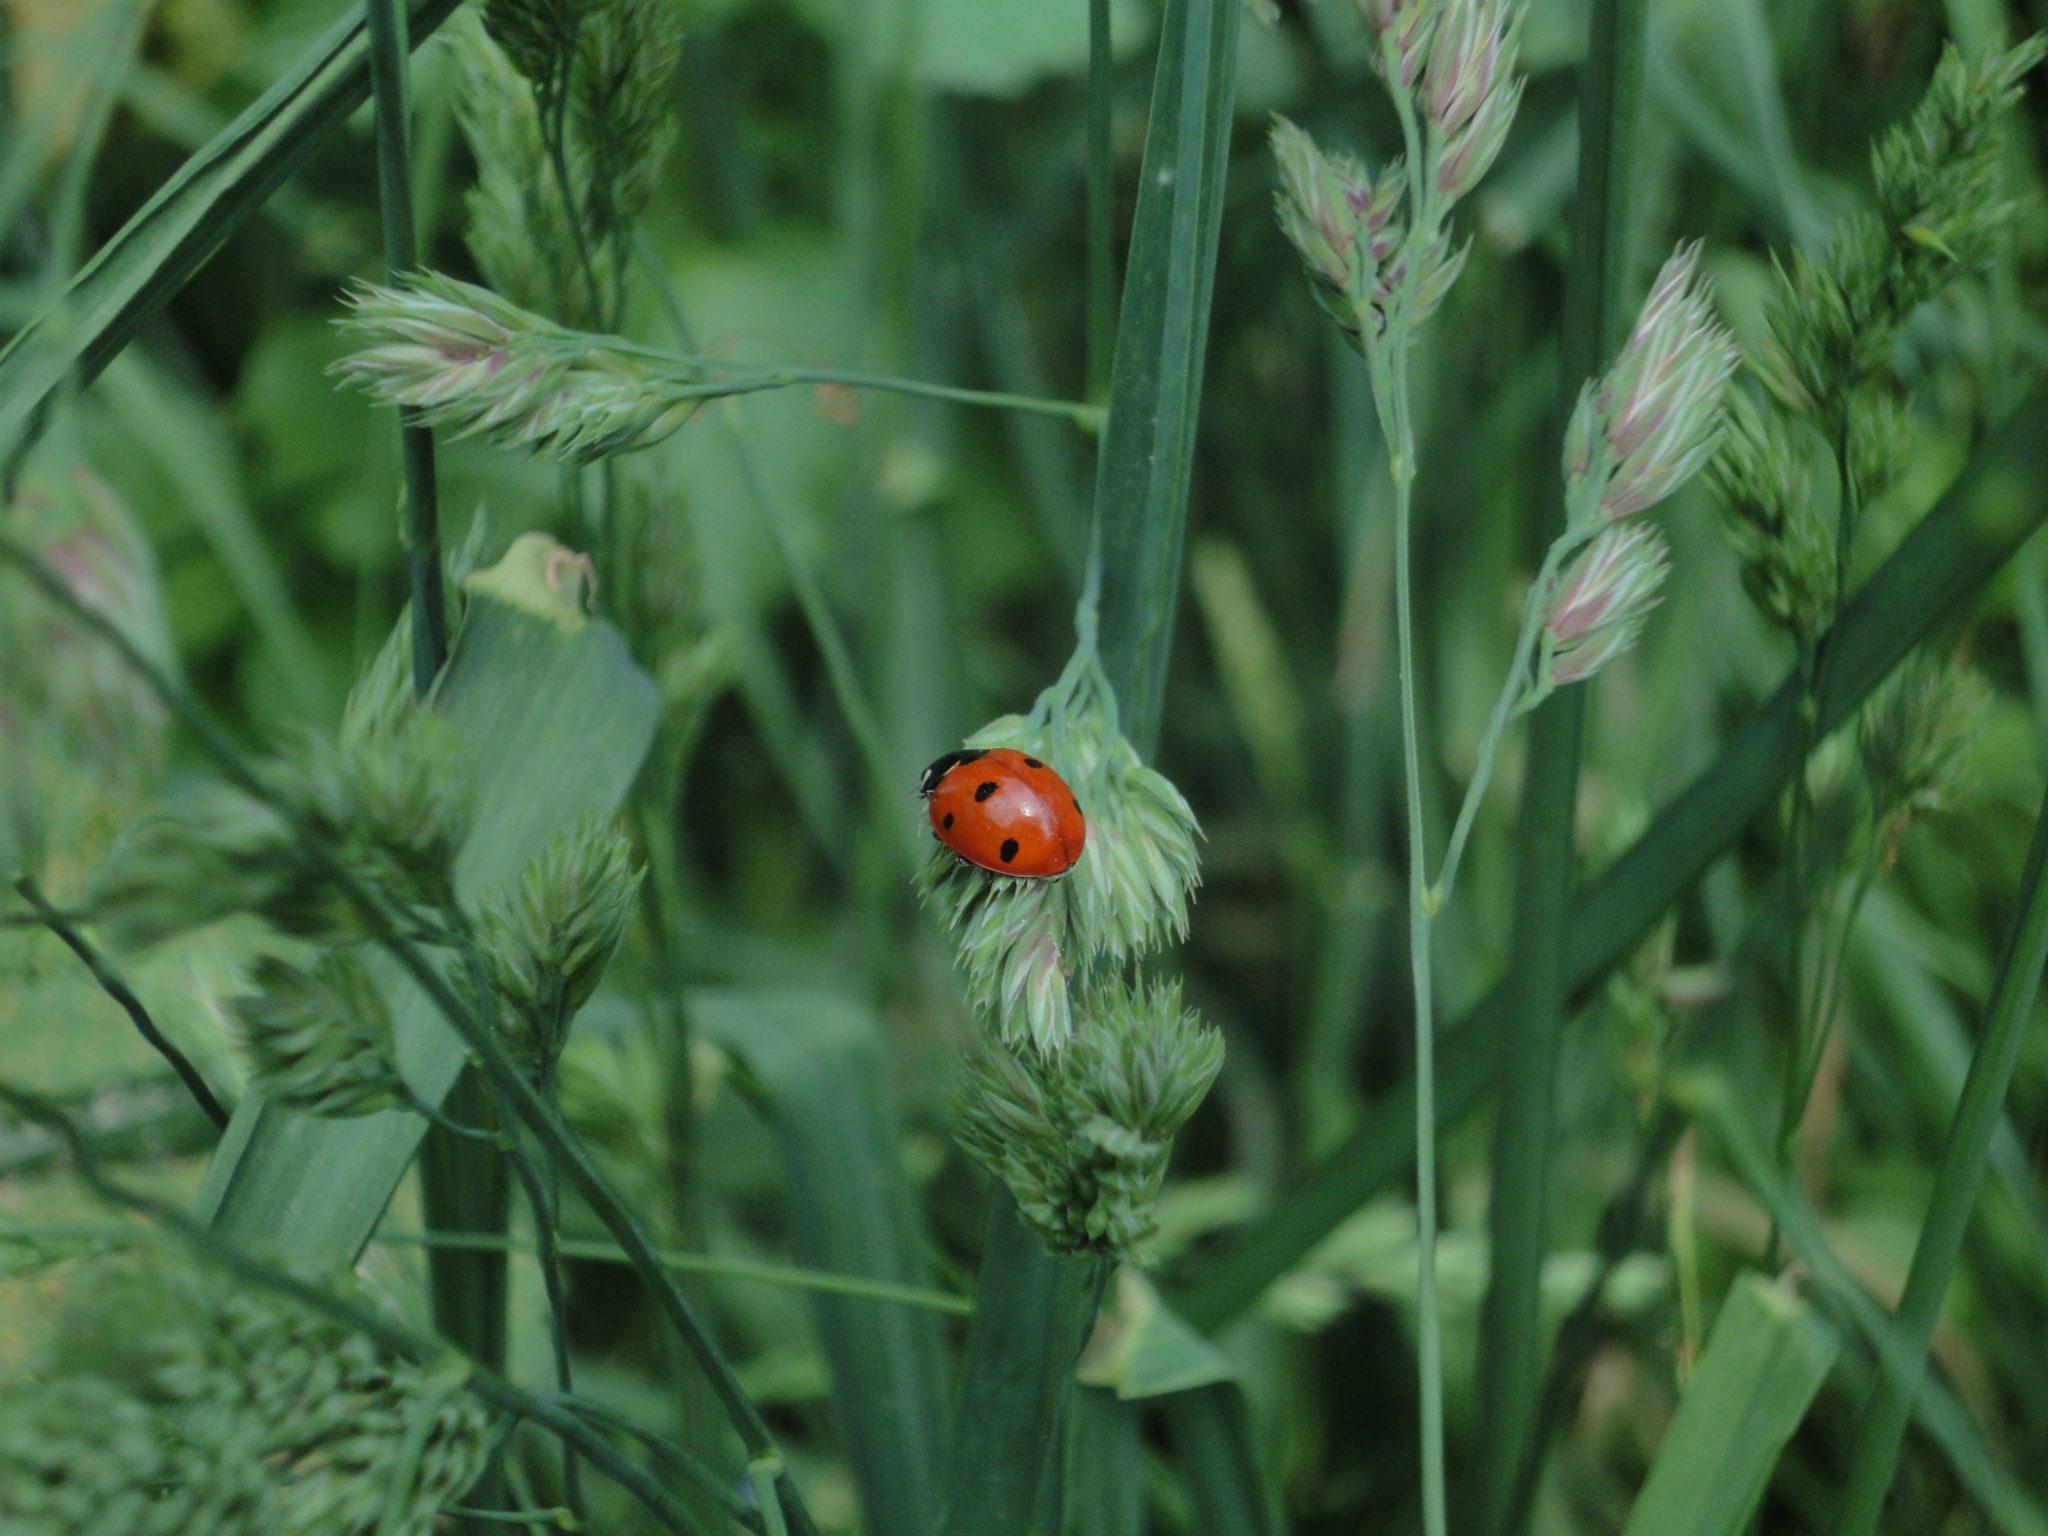 Seven-spot Ladybird, buburuză roşie cu 7 pete negre